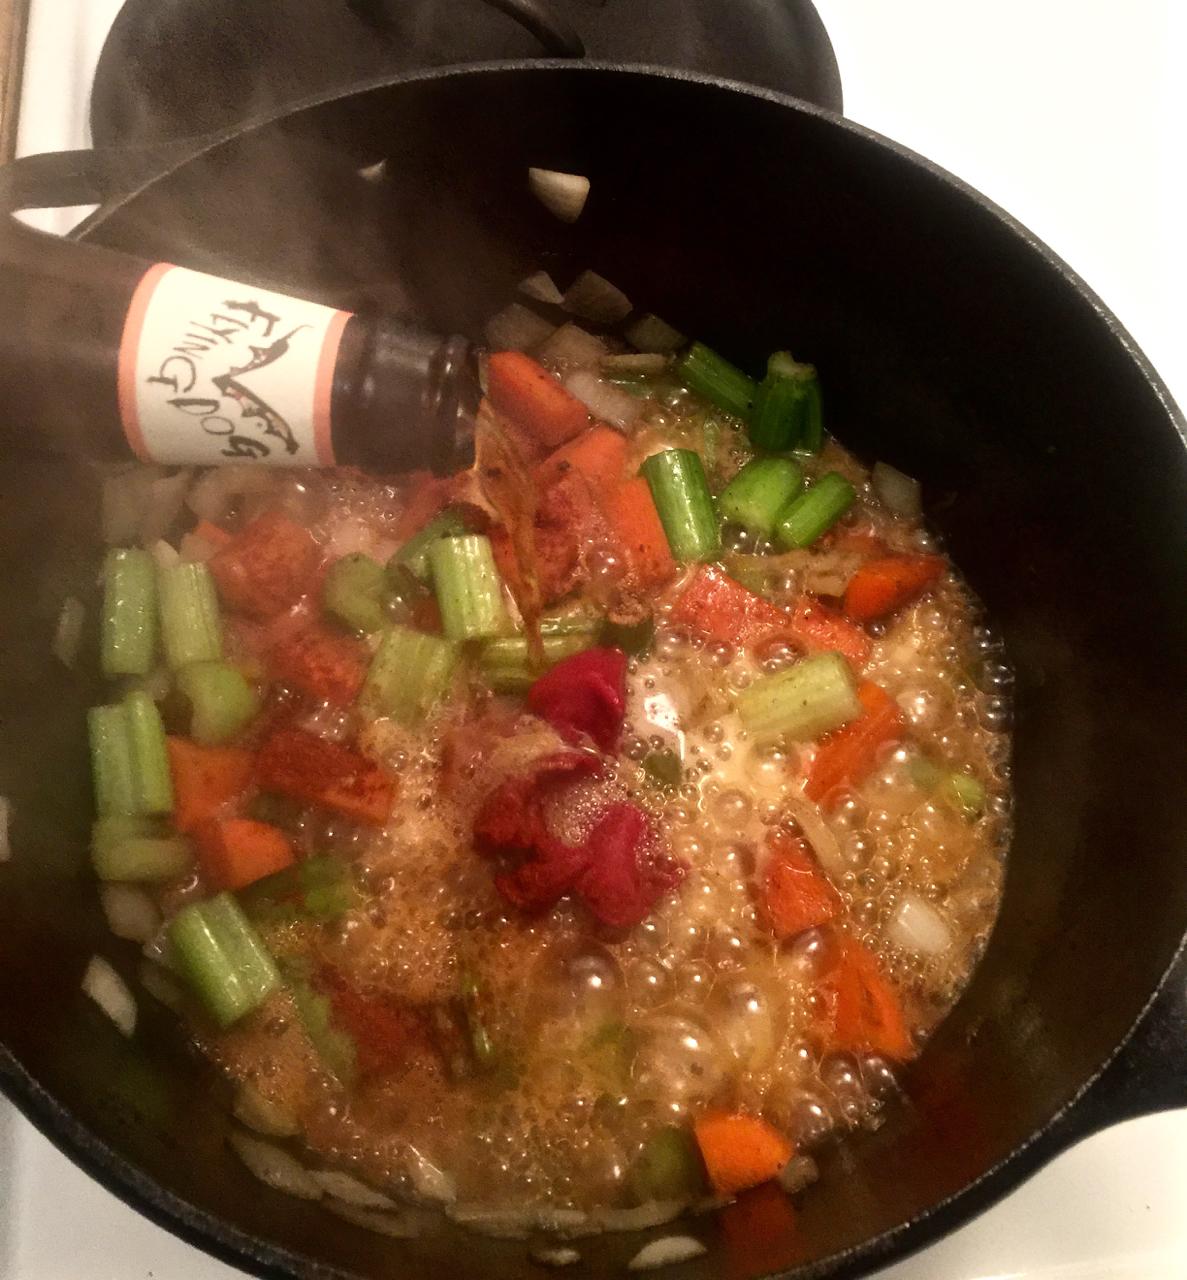 7. Adding beer and seasonings